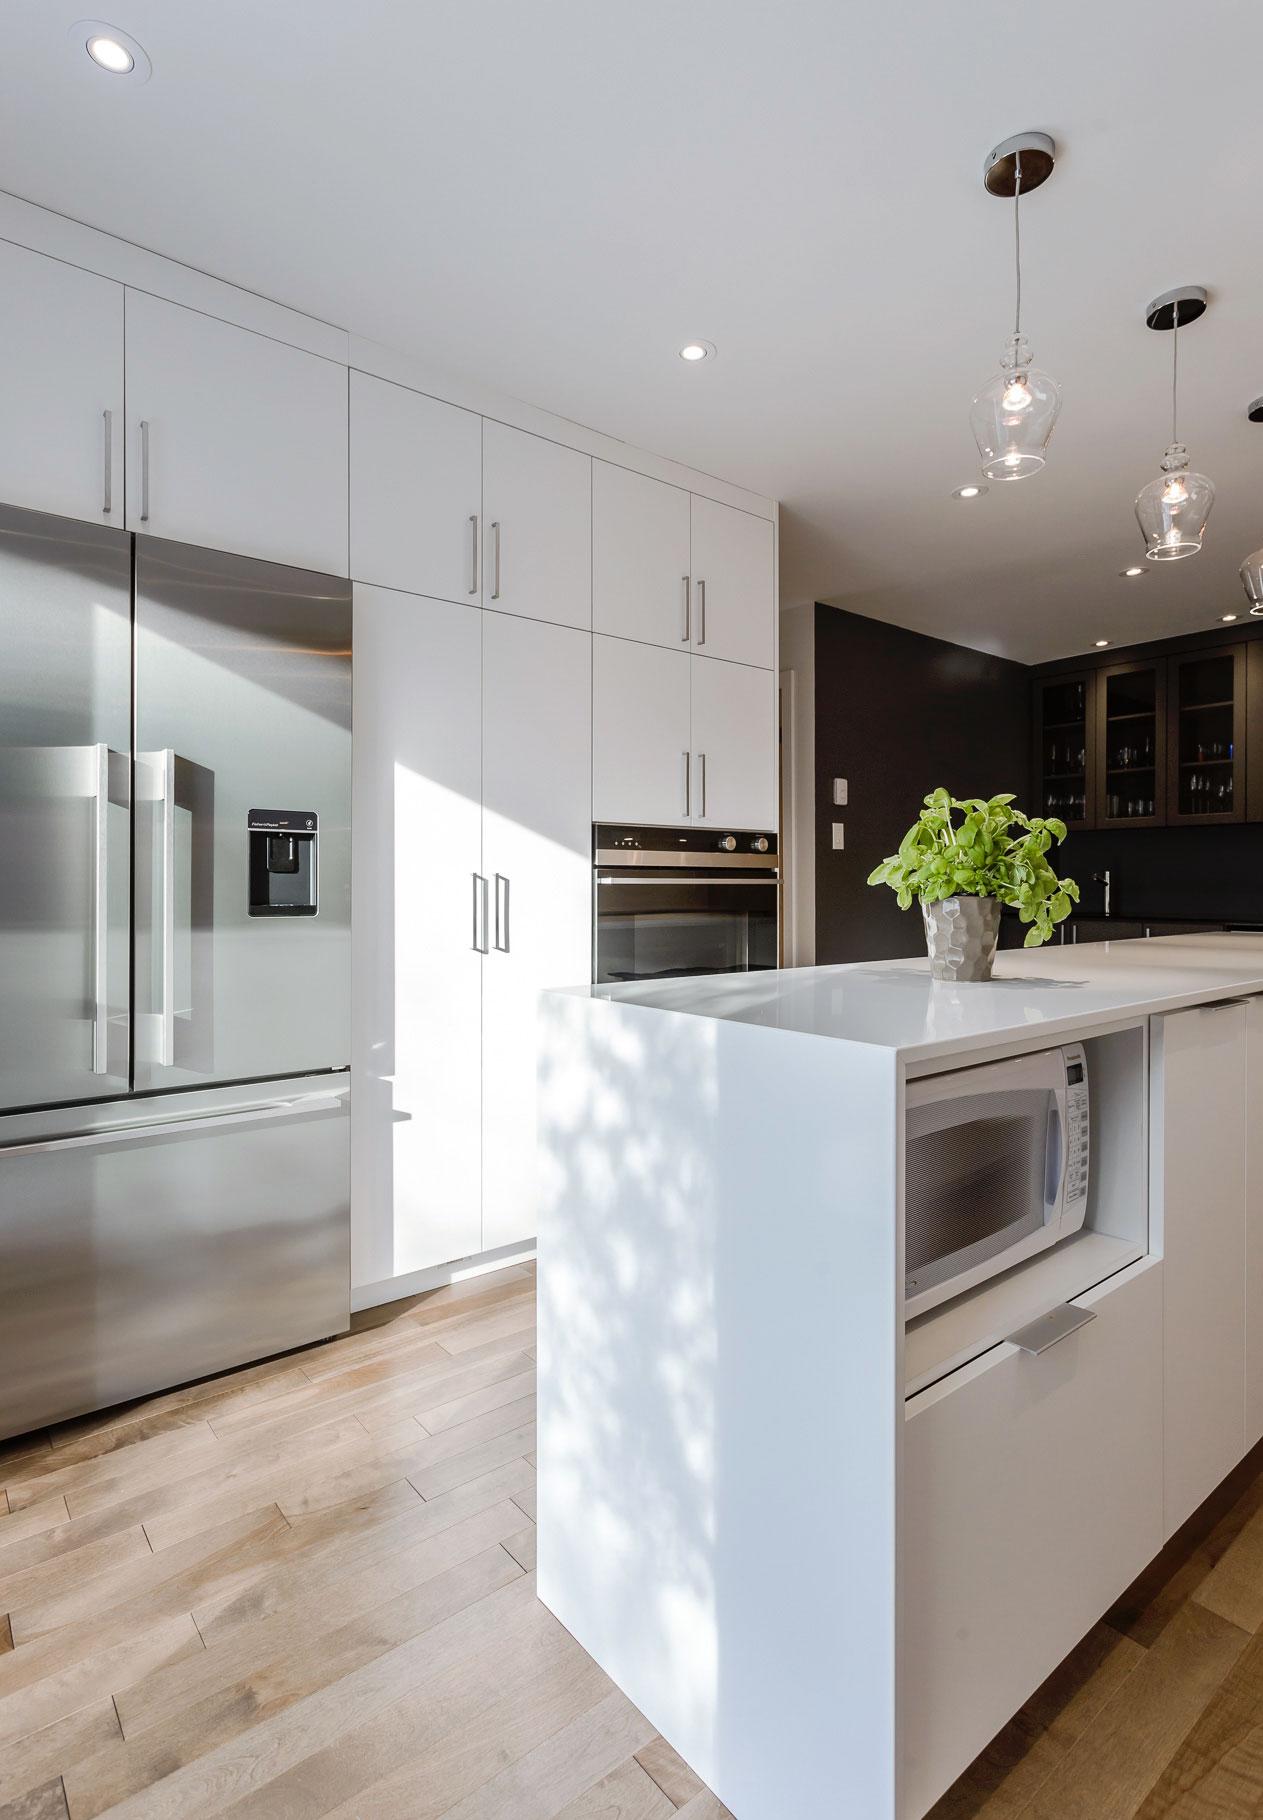 Section frigo, garde-manger et four mural encastré, portes de thermoplastique blanches satinées